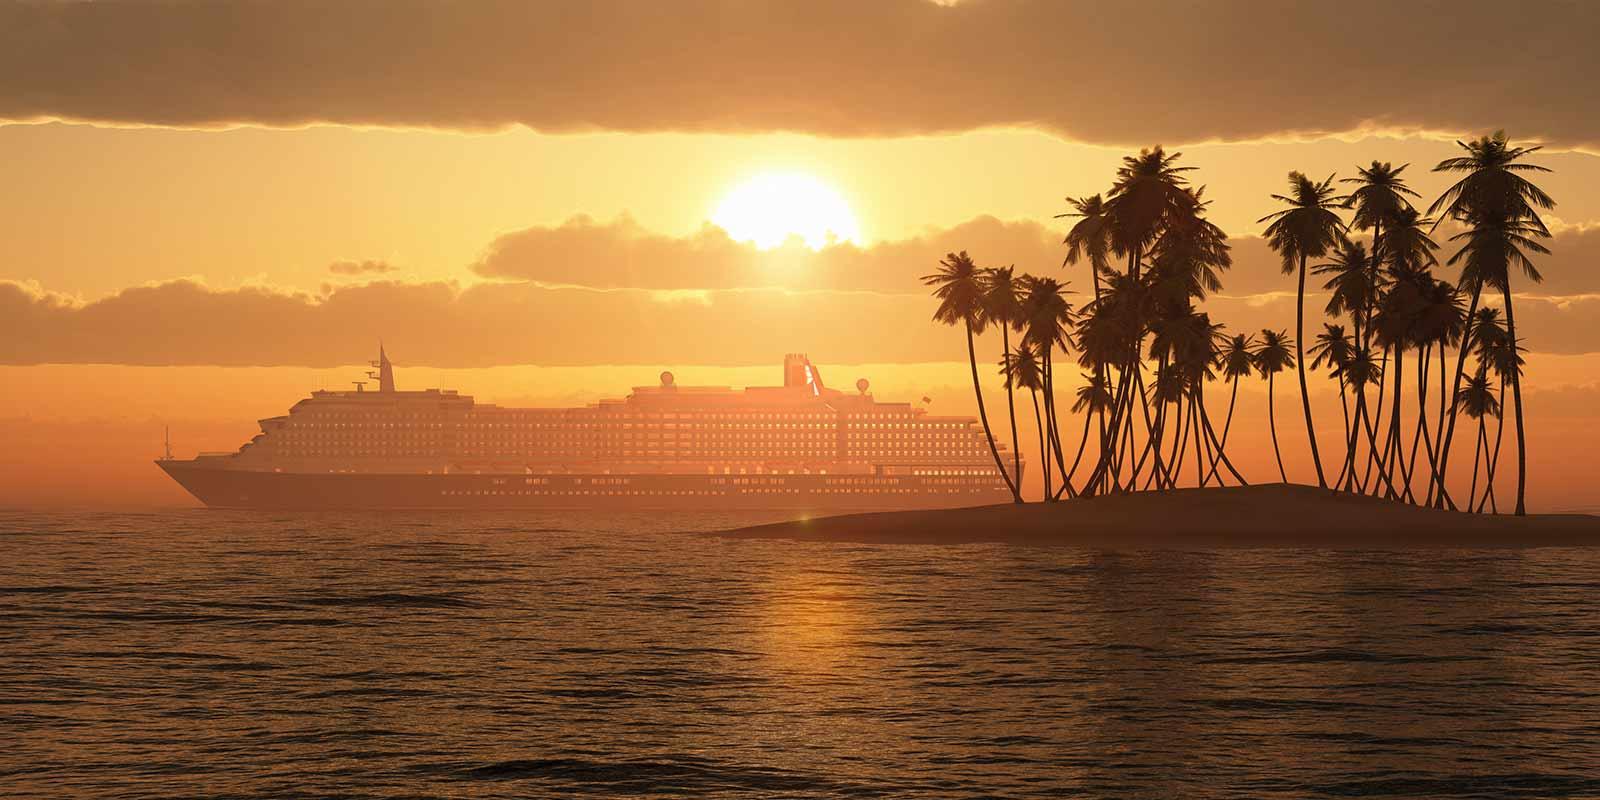 Kryssning i solnedgång